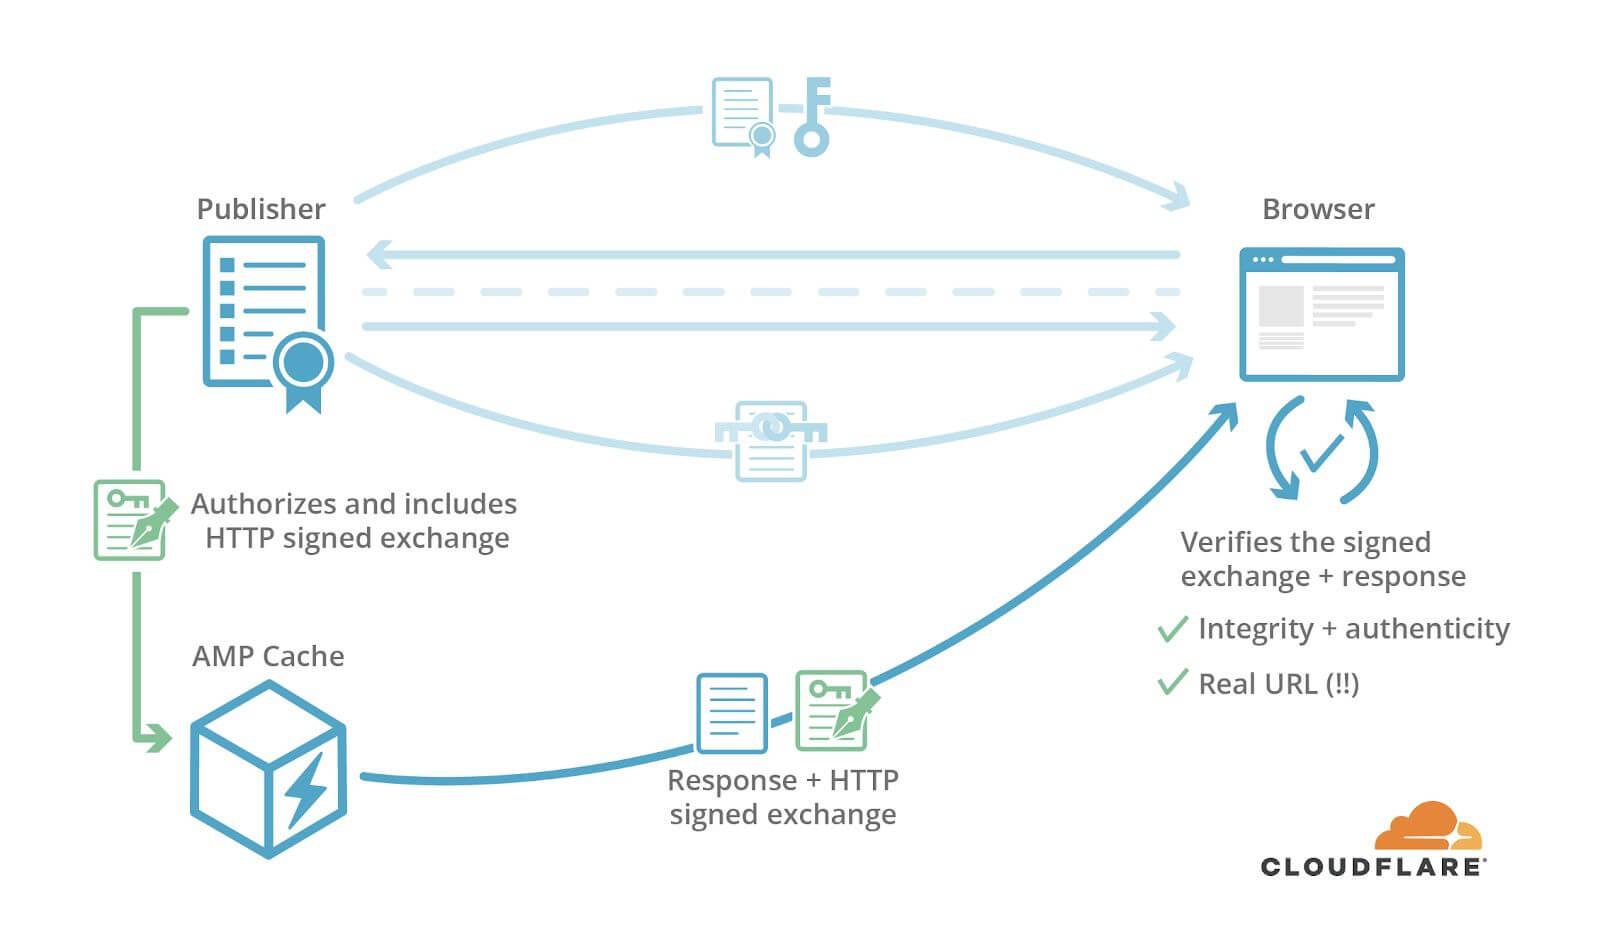 schema proposé la société Cloudfare, montrant le schéma d'obtention de l'entête HTTP d'une page AMP.